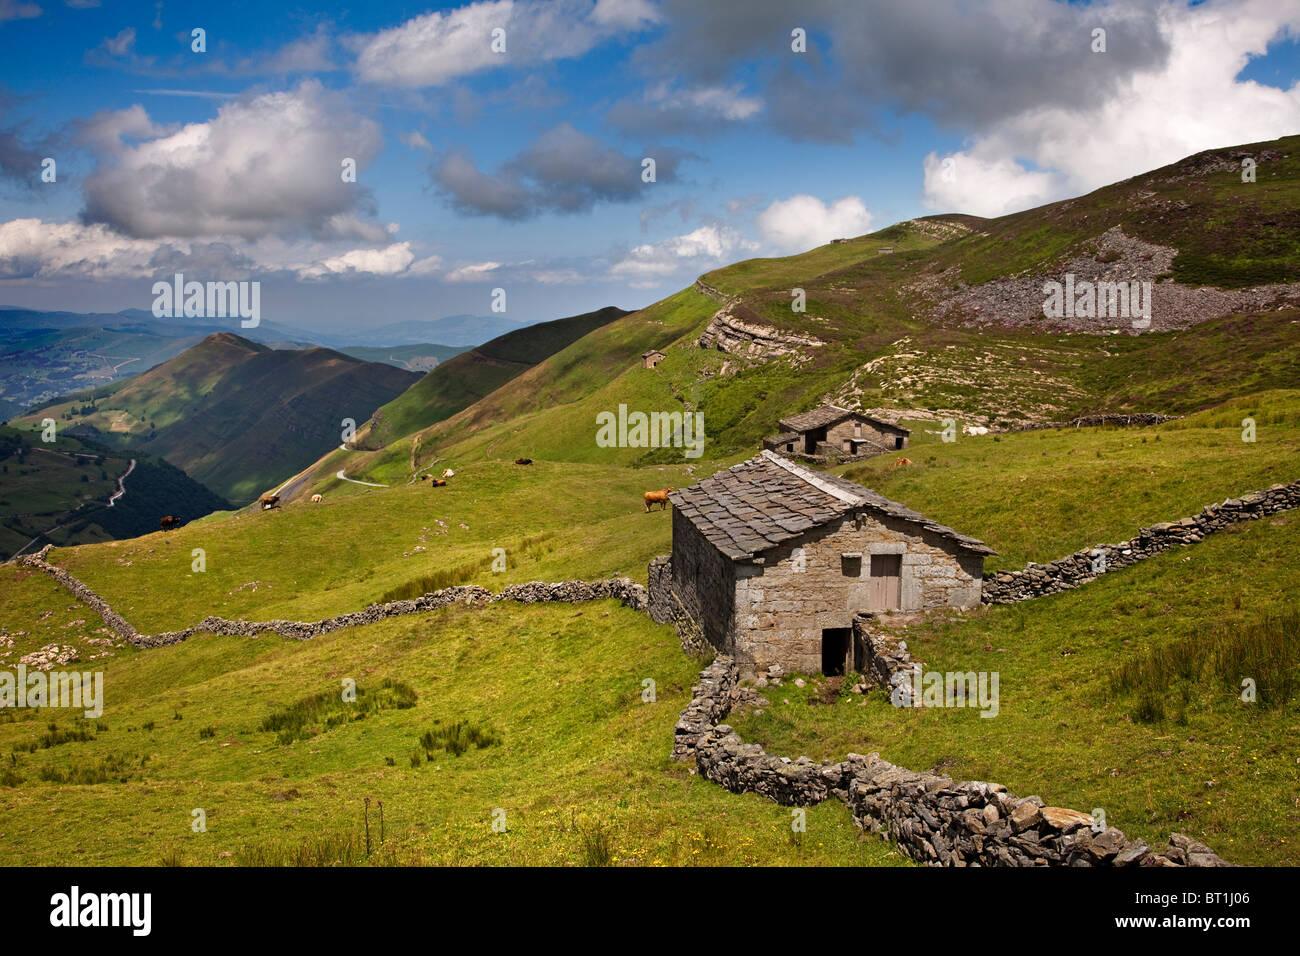 Cabaña tìpica montañesa paisaje Vega de Pas Cantabria España Typical mountain cabin and landscape Vega de Pas Cantabria Stock Photo